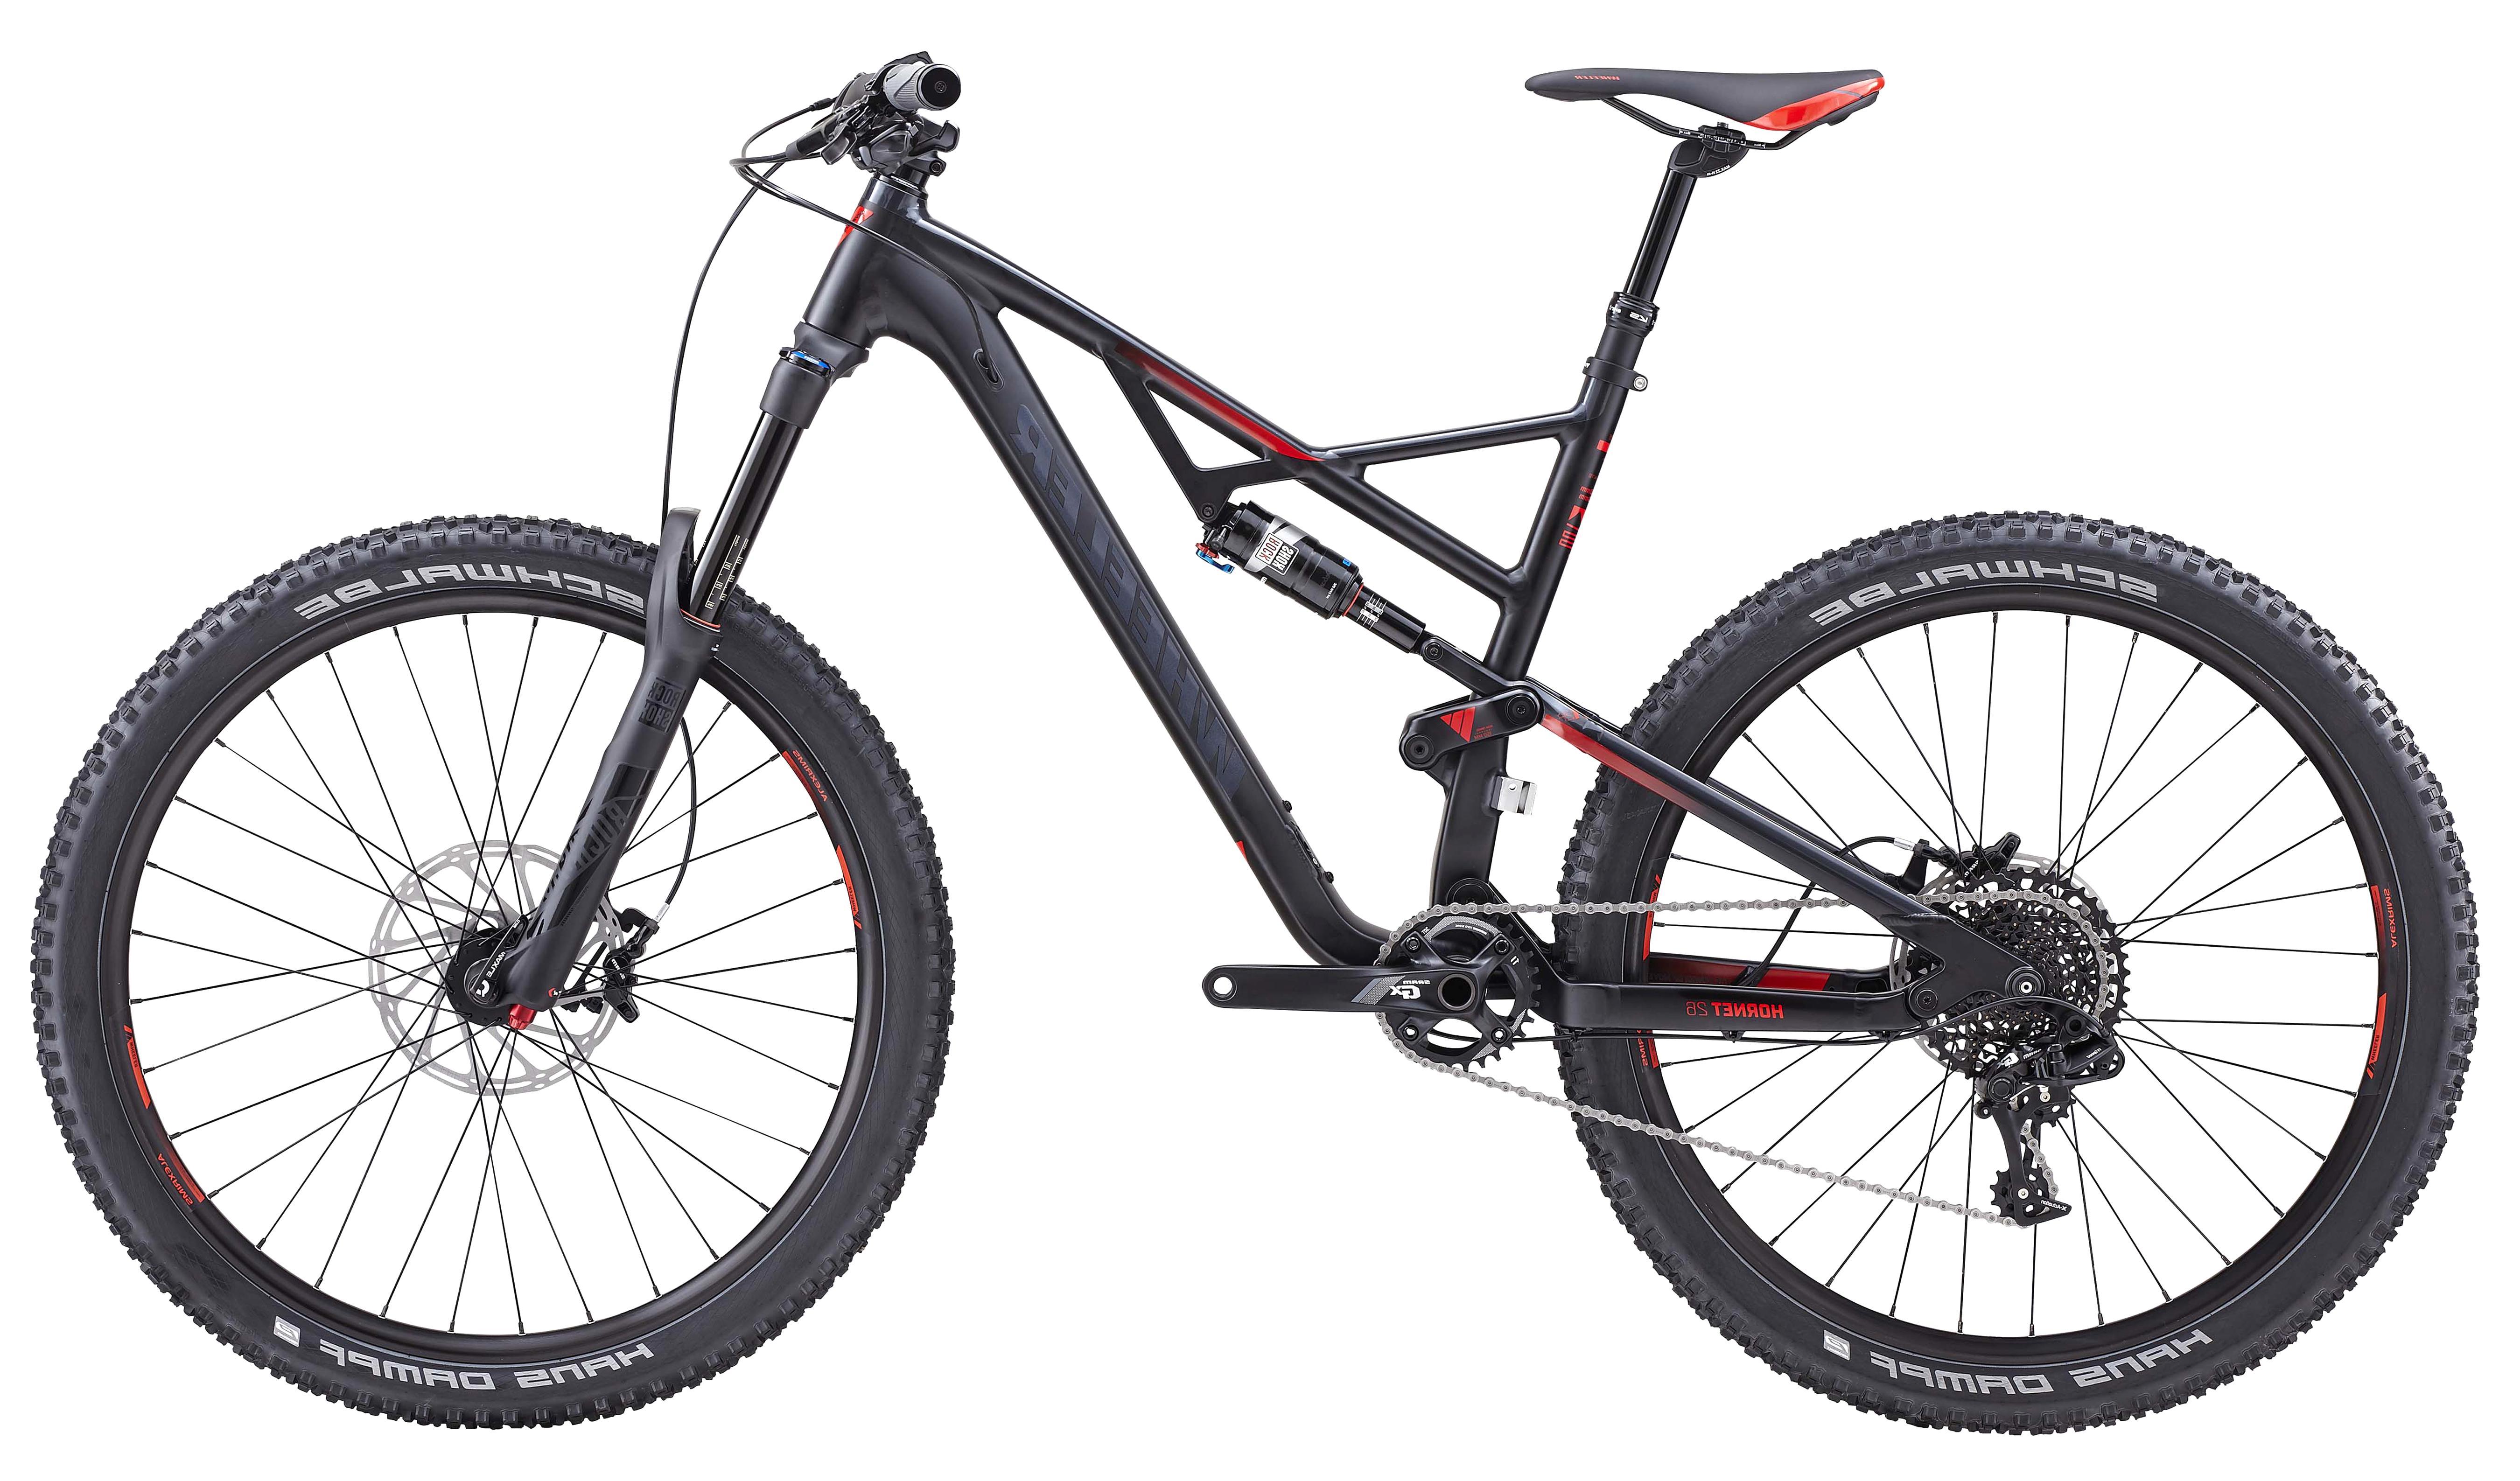 wheeler mountainbike gebraucht kaufen 4 st bis 70 g nstiger. Black Bedroom Furniture Sets. Home Design Ideas